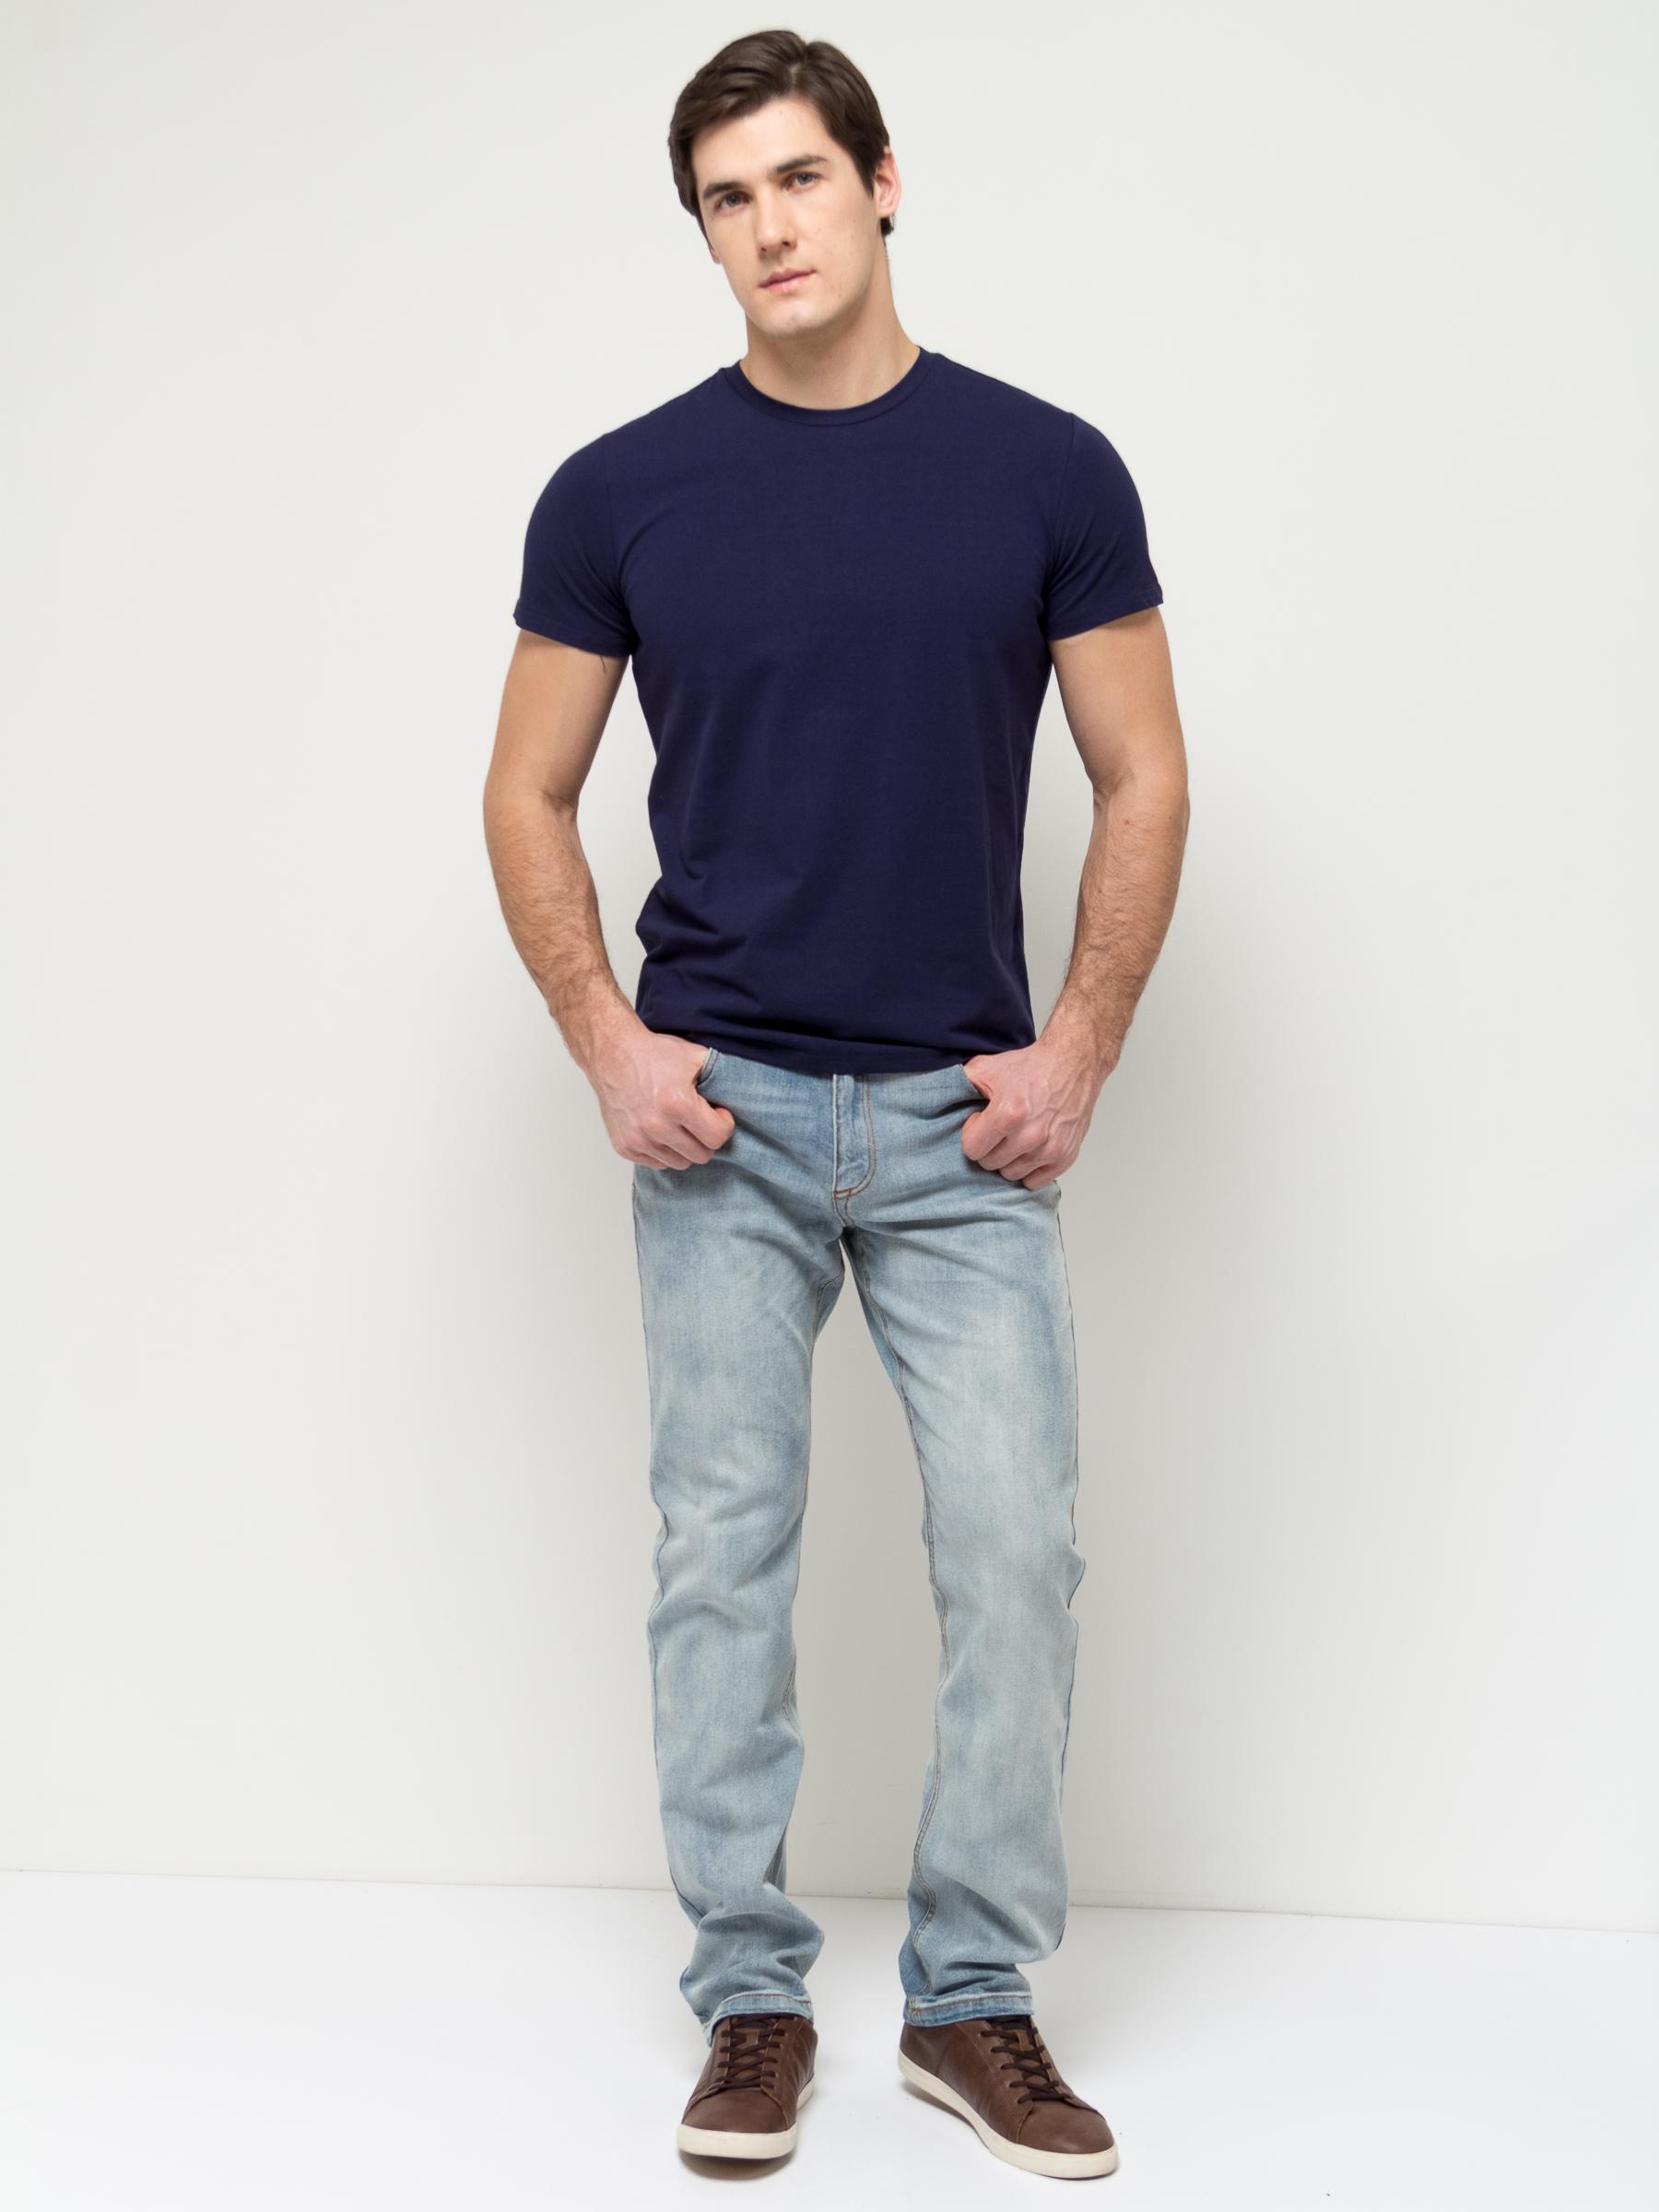 Джинсы мужские Sela, цвет: голубой джинс. PJ-235/1071-7152. Размер 32-32 (48-32)PJ-235/1071-7152Стильные мужские джинсы Sela, изготовленные из качественного эластичного хлопка с потертостями, станут отличным дополнением гардероба. Джинсы зауженного кроя и стандартной посадки на талии застегиваются на застежку-молнию и пуговицу. На поясе имеются шлевки для ремня. Модель представляет собой классическую пятикарманку: два втачных и накладной карманы спереди и два накладных кармана сзади.